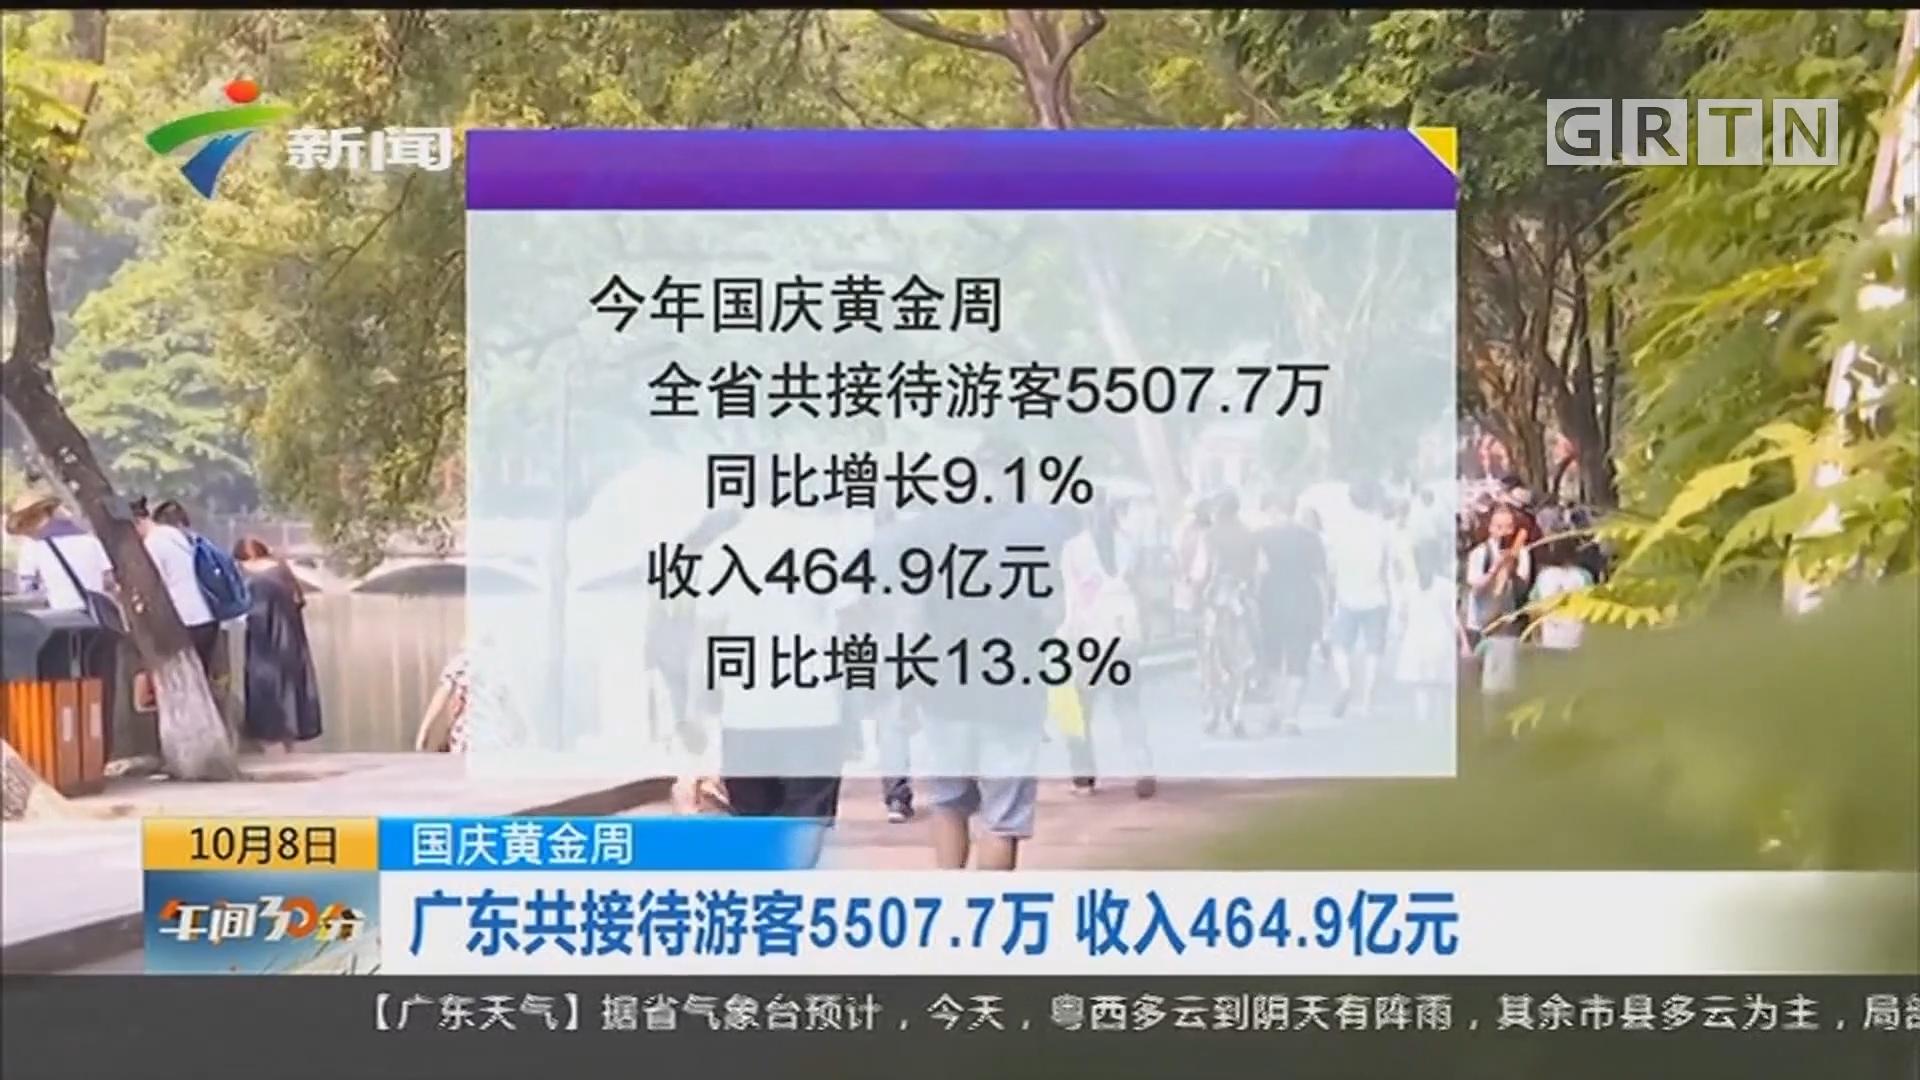 国庆黄金周:广东共接待游客5507.7万 收入464.9亿元